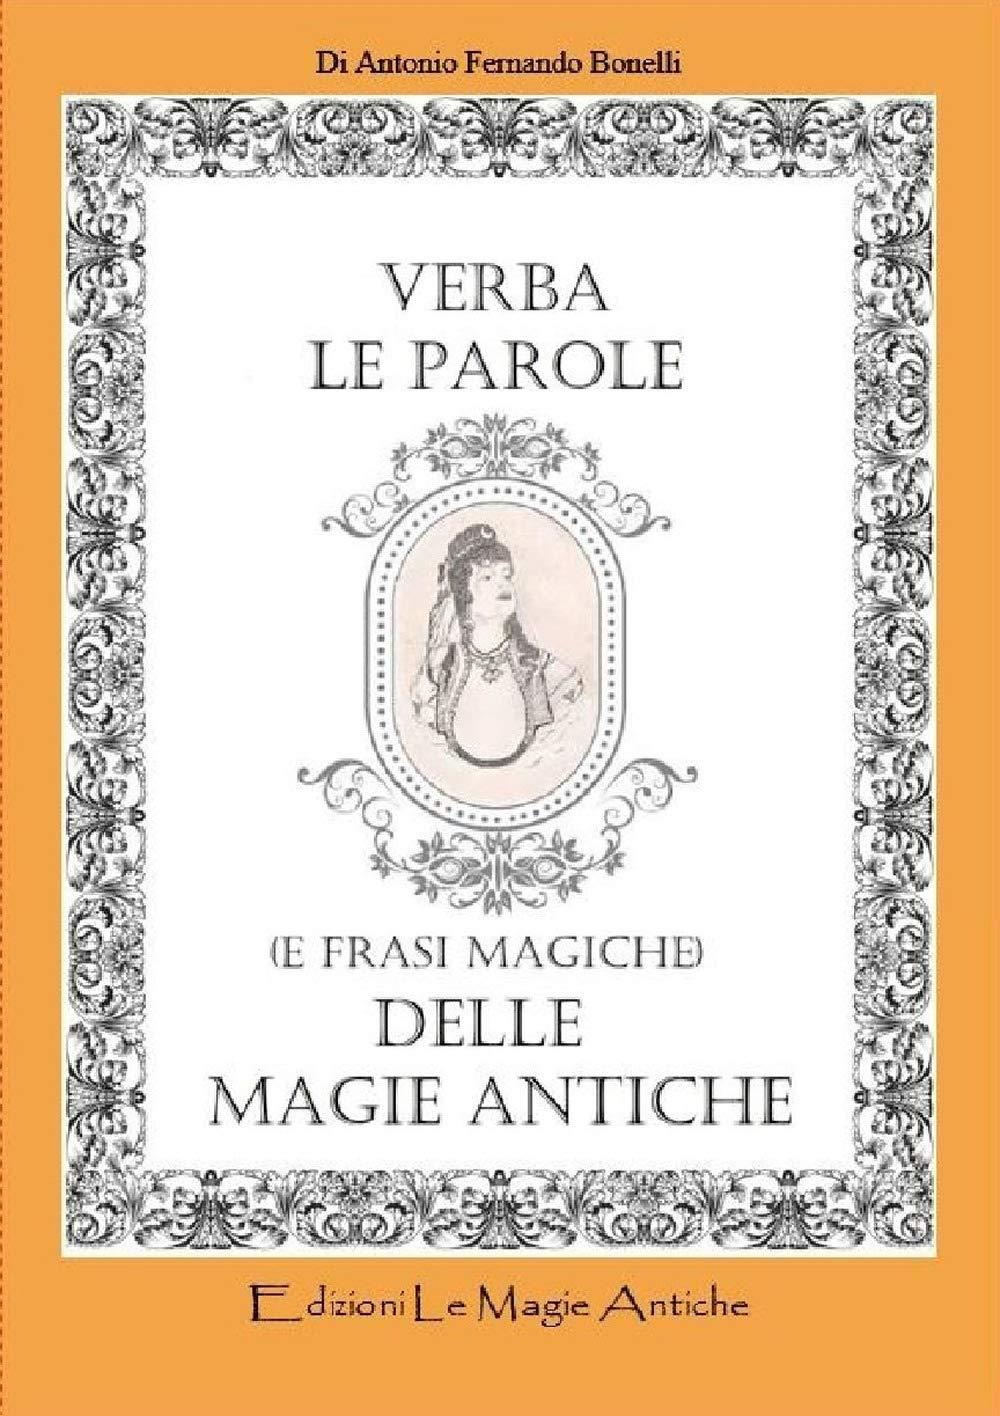 Verba Le Parole E Frasi Magiche Delle Magie Antiche Amazon It